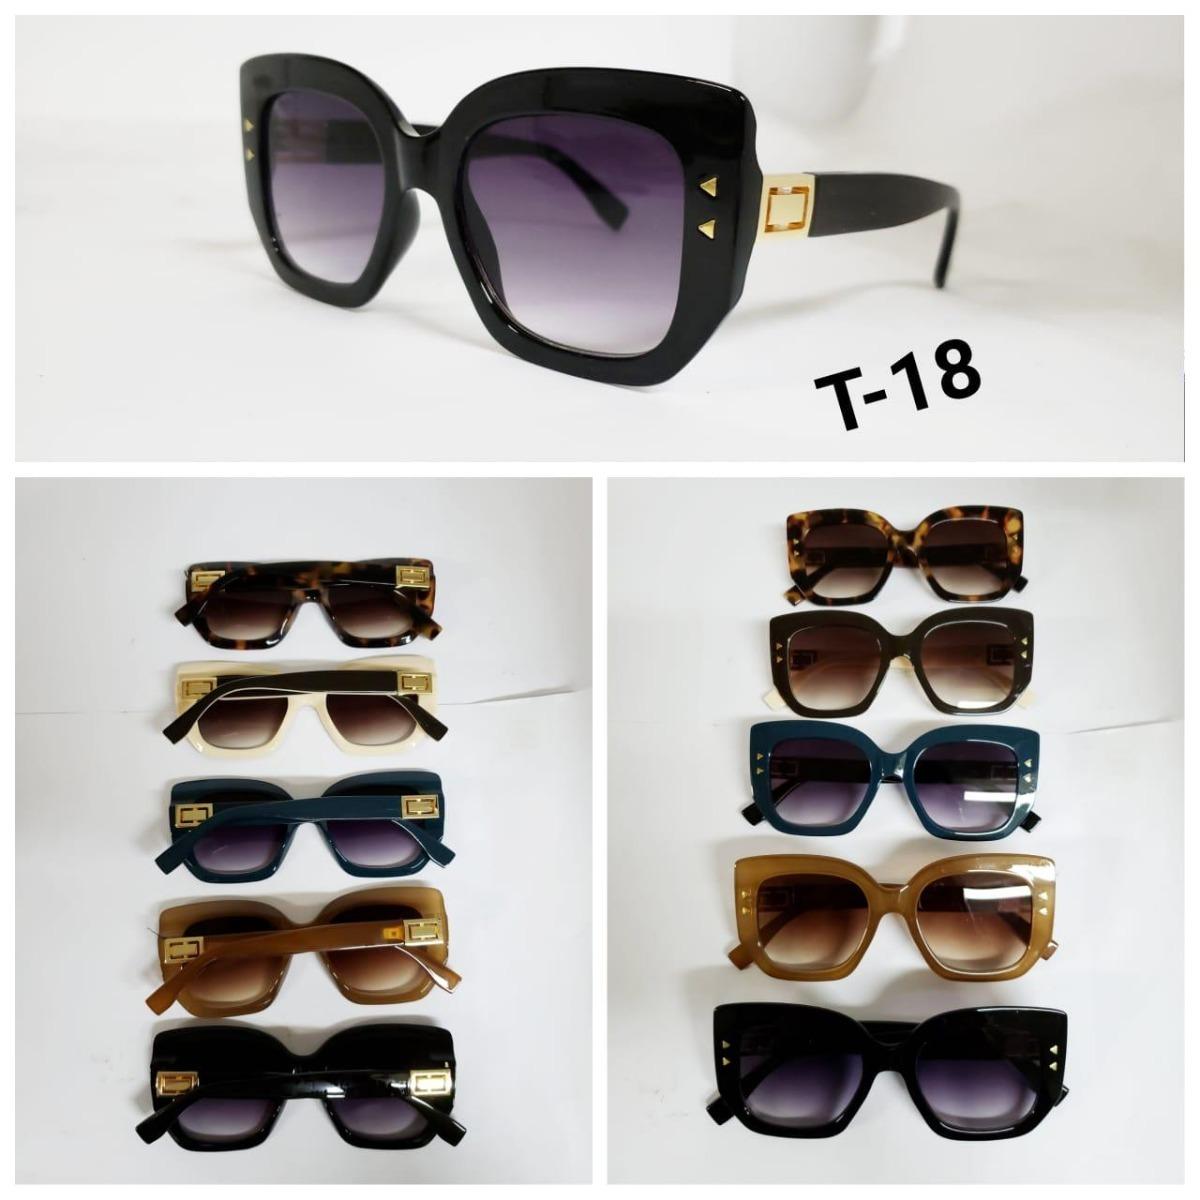 Óculos Feminino De Sol Modelo Quadrado Grande T-18 - R  44,90 em ... 14093b1140